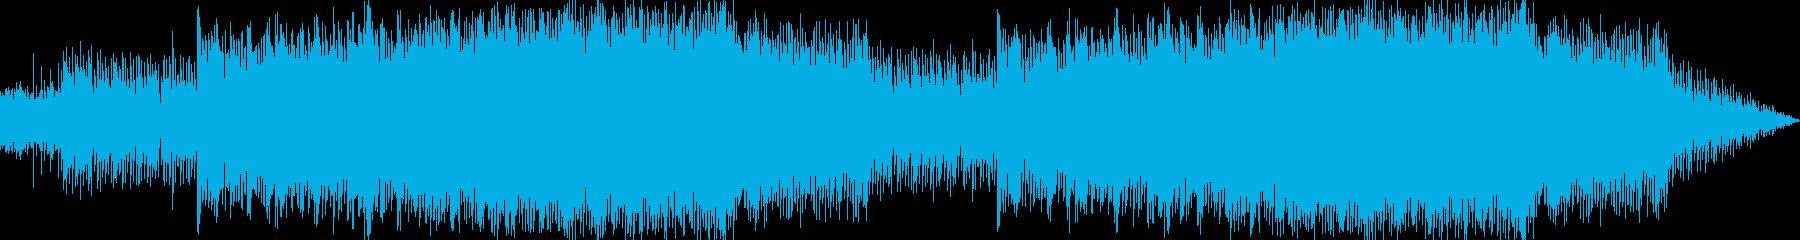 RPG等で使えるファンタジー曲の再生済みの波形